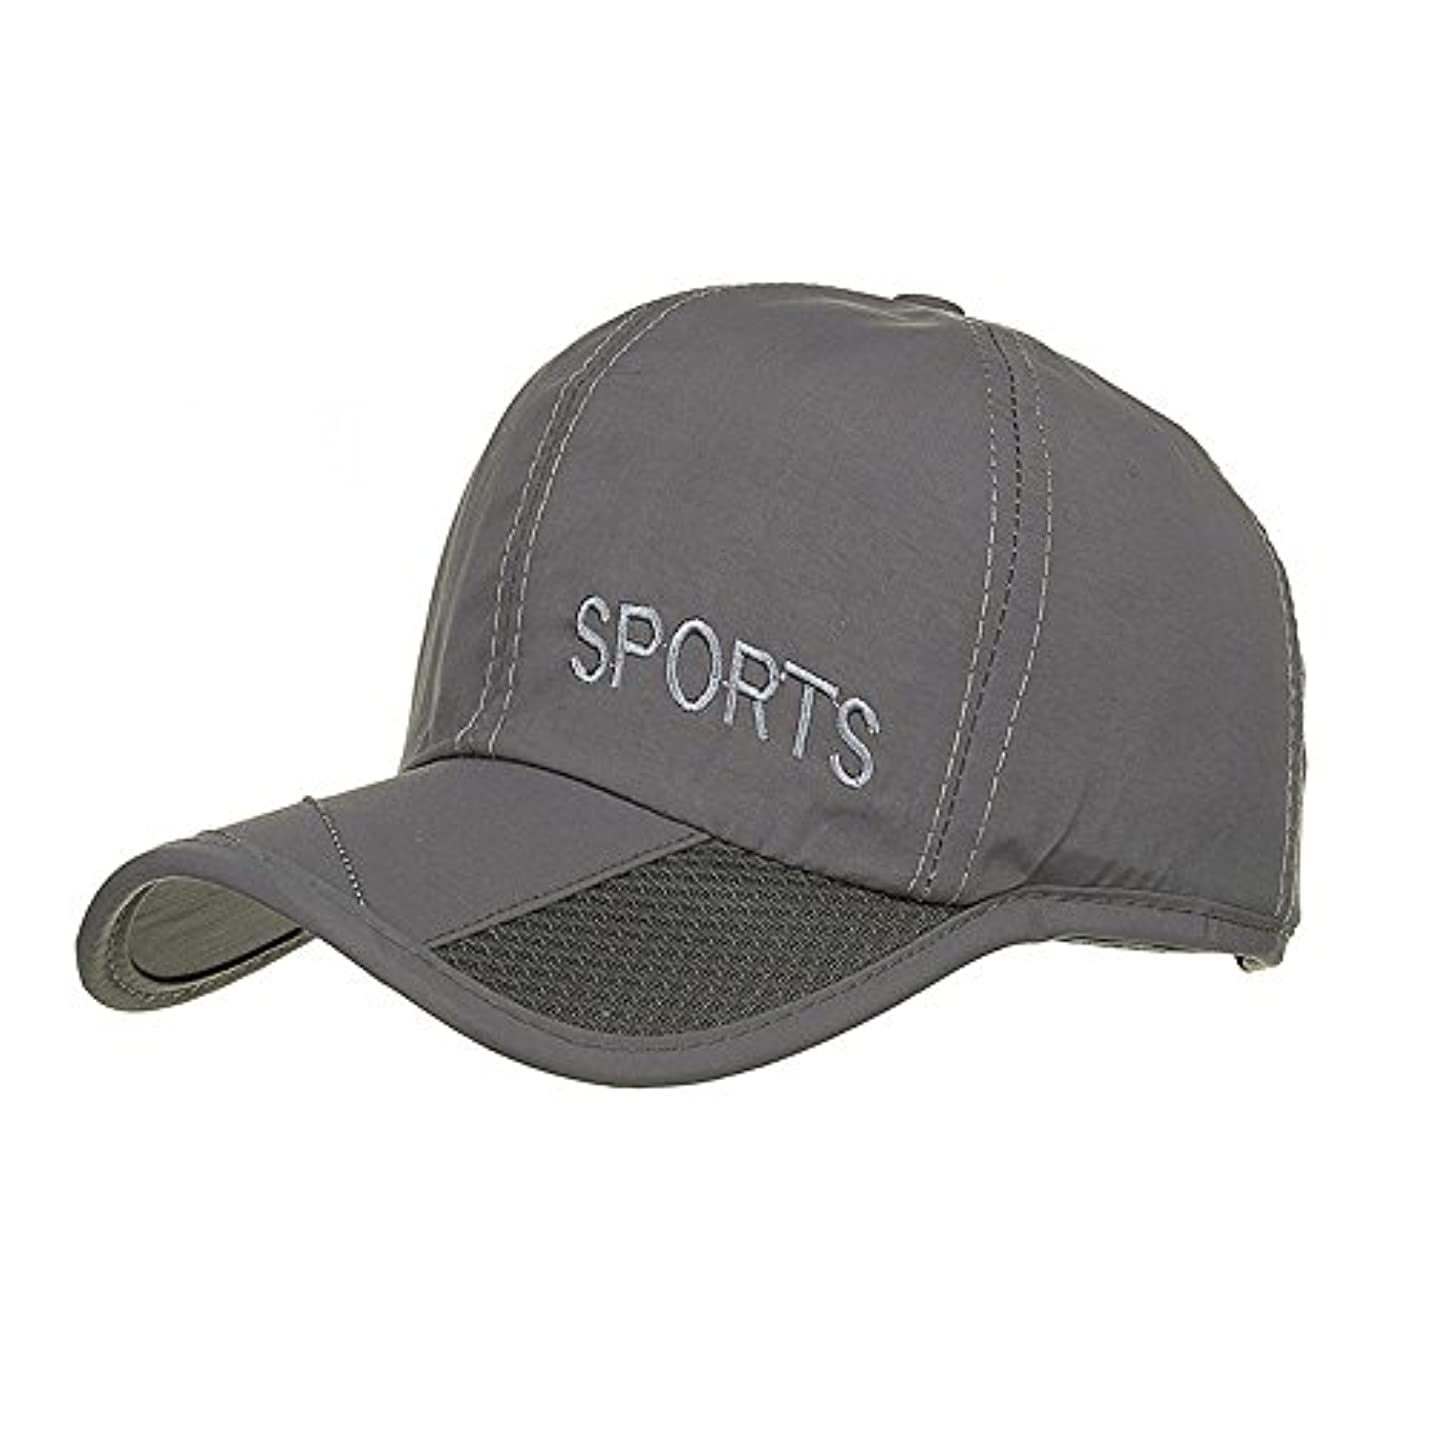 上に築きます湖統合するRacazing Cap 男女兼用 野球帽 夏 登山 通気性のある メッシュ 帽子 ベルクロ 可調整可能 刺繍 棒球帽 UV 帽子 軽量 屋外 Unisex Hat (グレー)